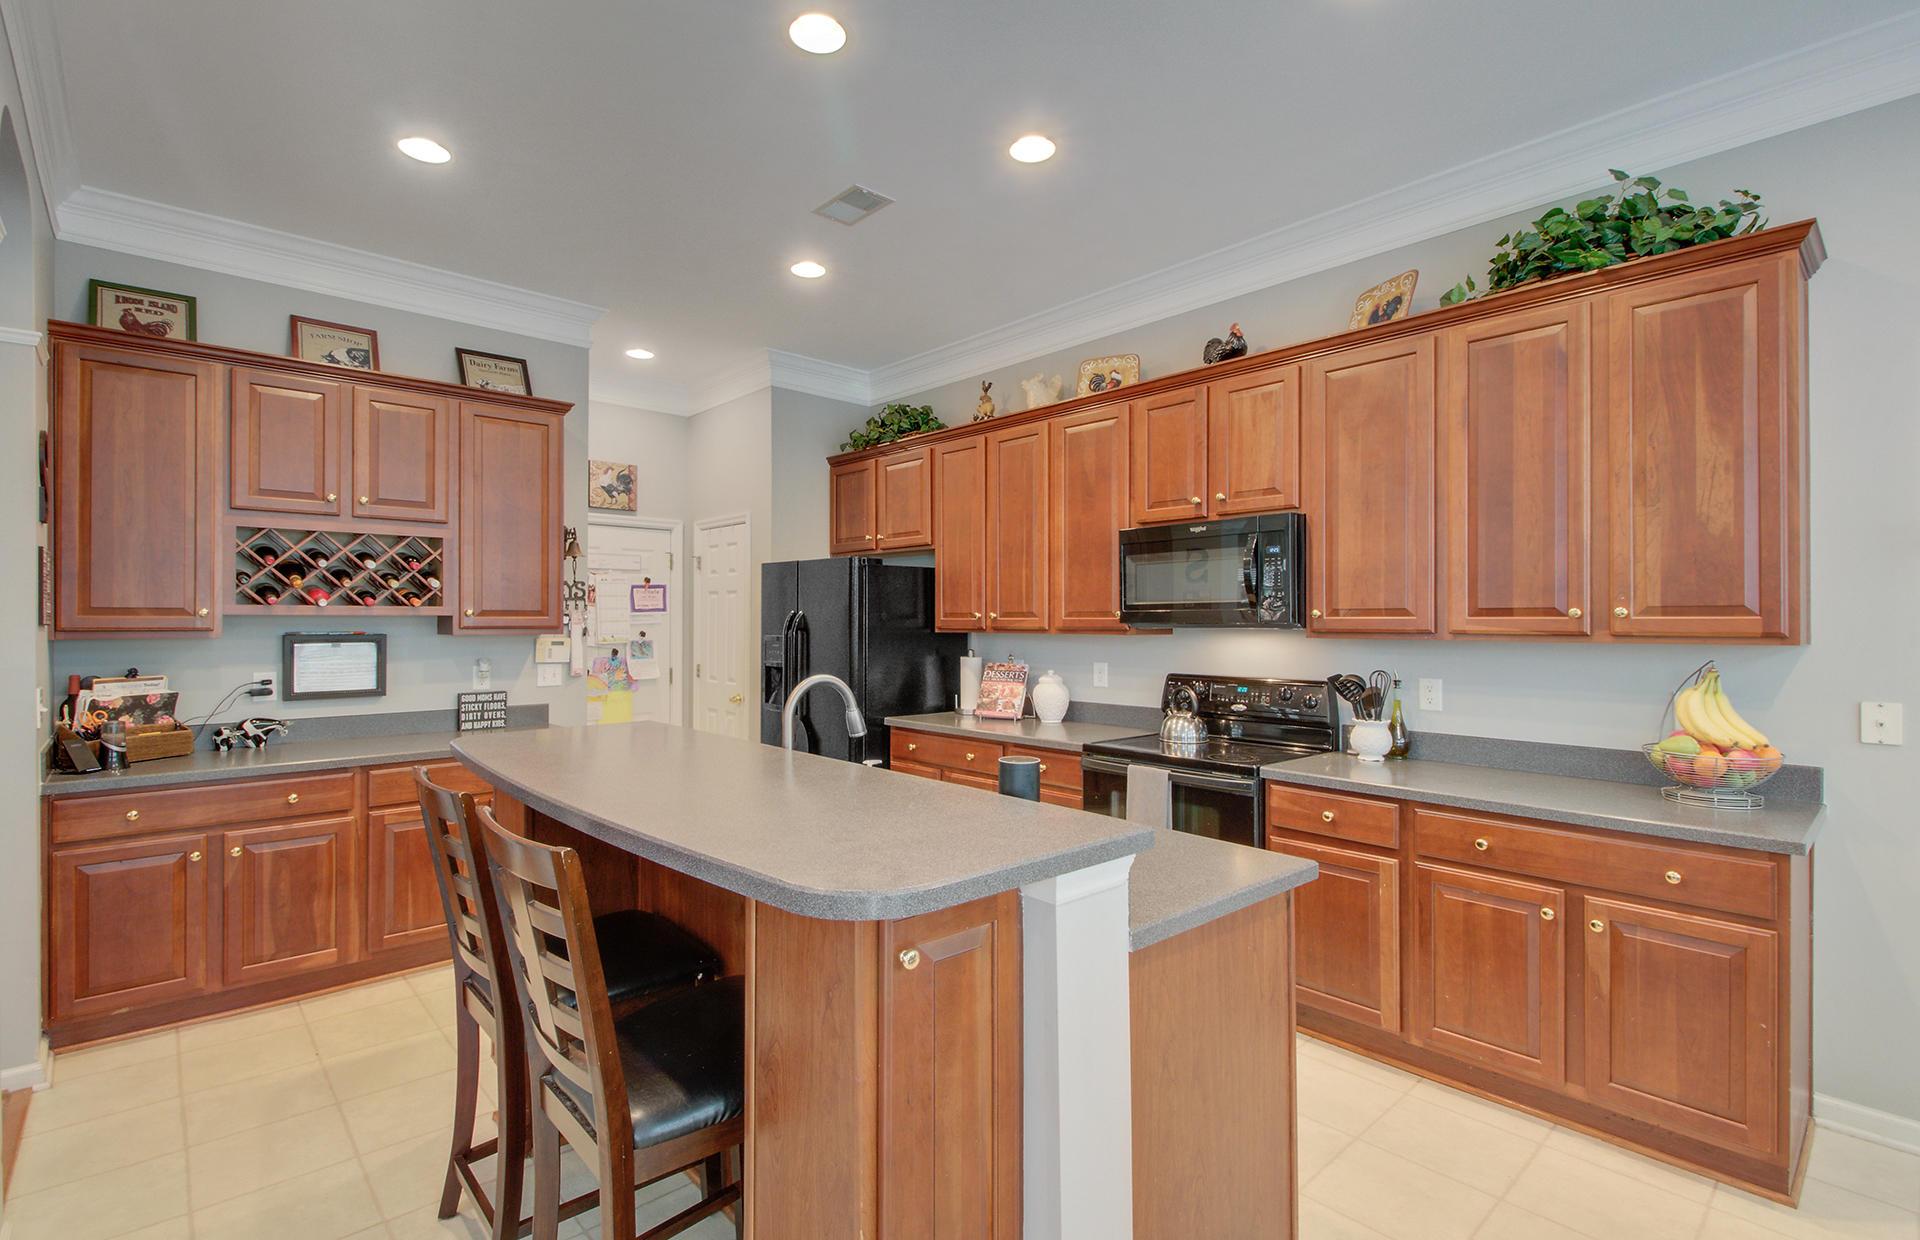 Park West Homes For Sale - 2500 Draymohr, Mount Pleasant, SC - 26